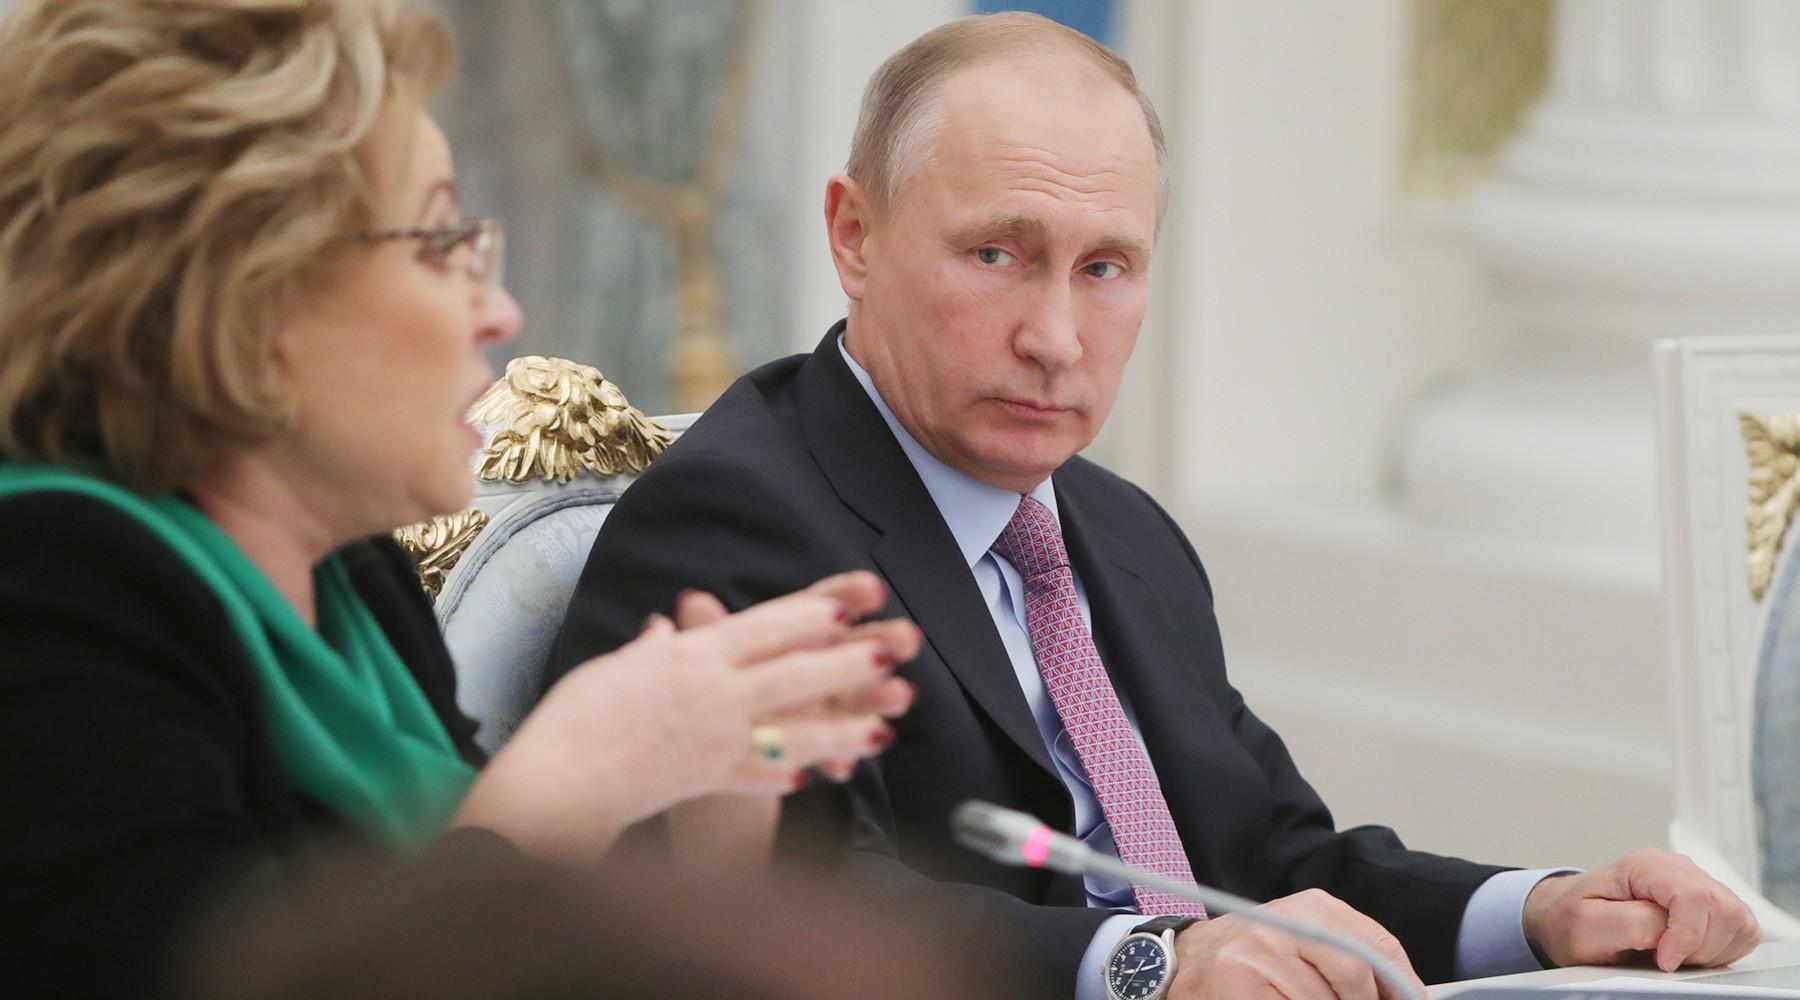 Льготная ипотека и ежемесячные выплаты: Путин назвал новые меры поддержки семьи